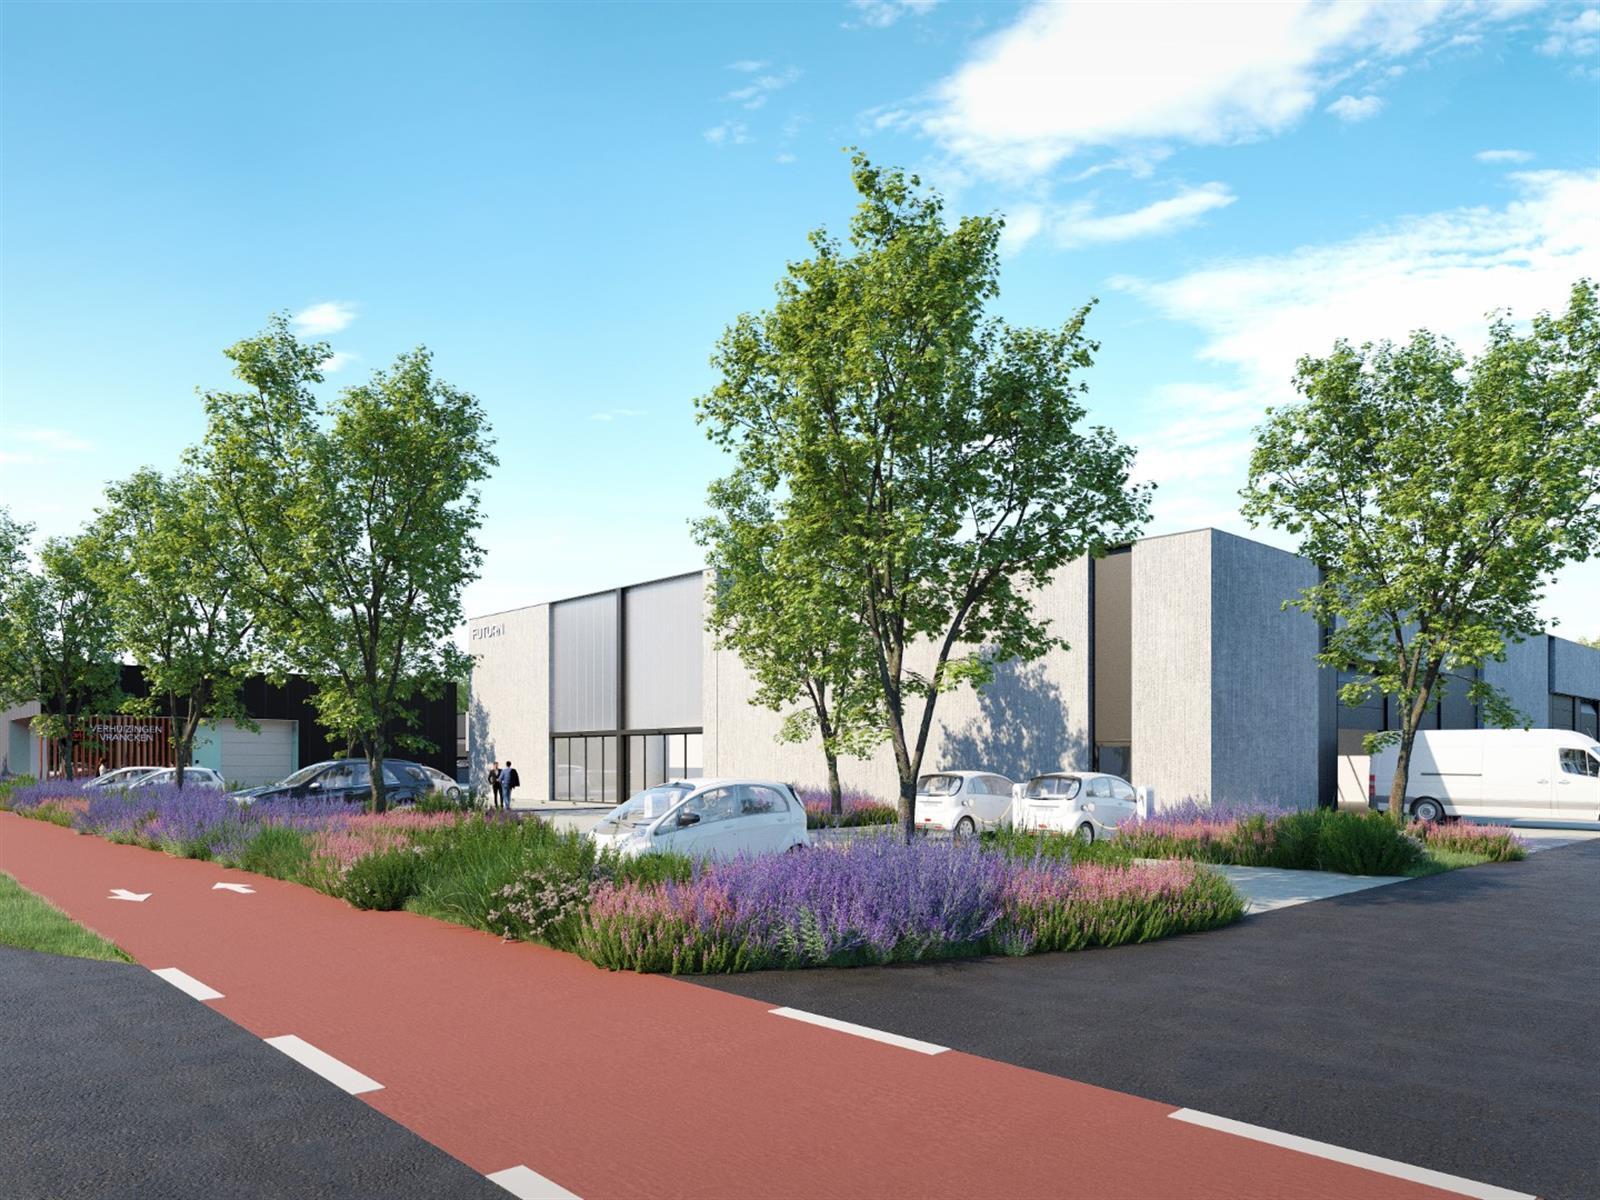 KMO-unit te koop Heros Businesspark KMO Unit 6 - Herkenrodesingel 10, 3500 Hasselt, België 6